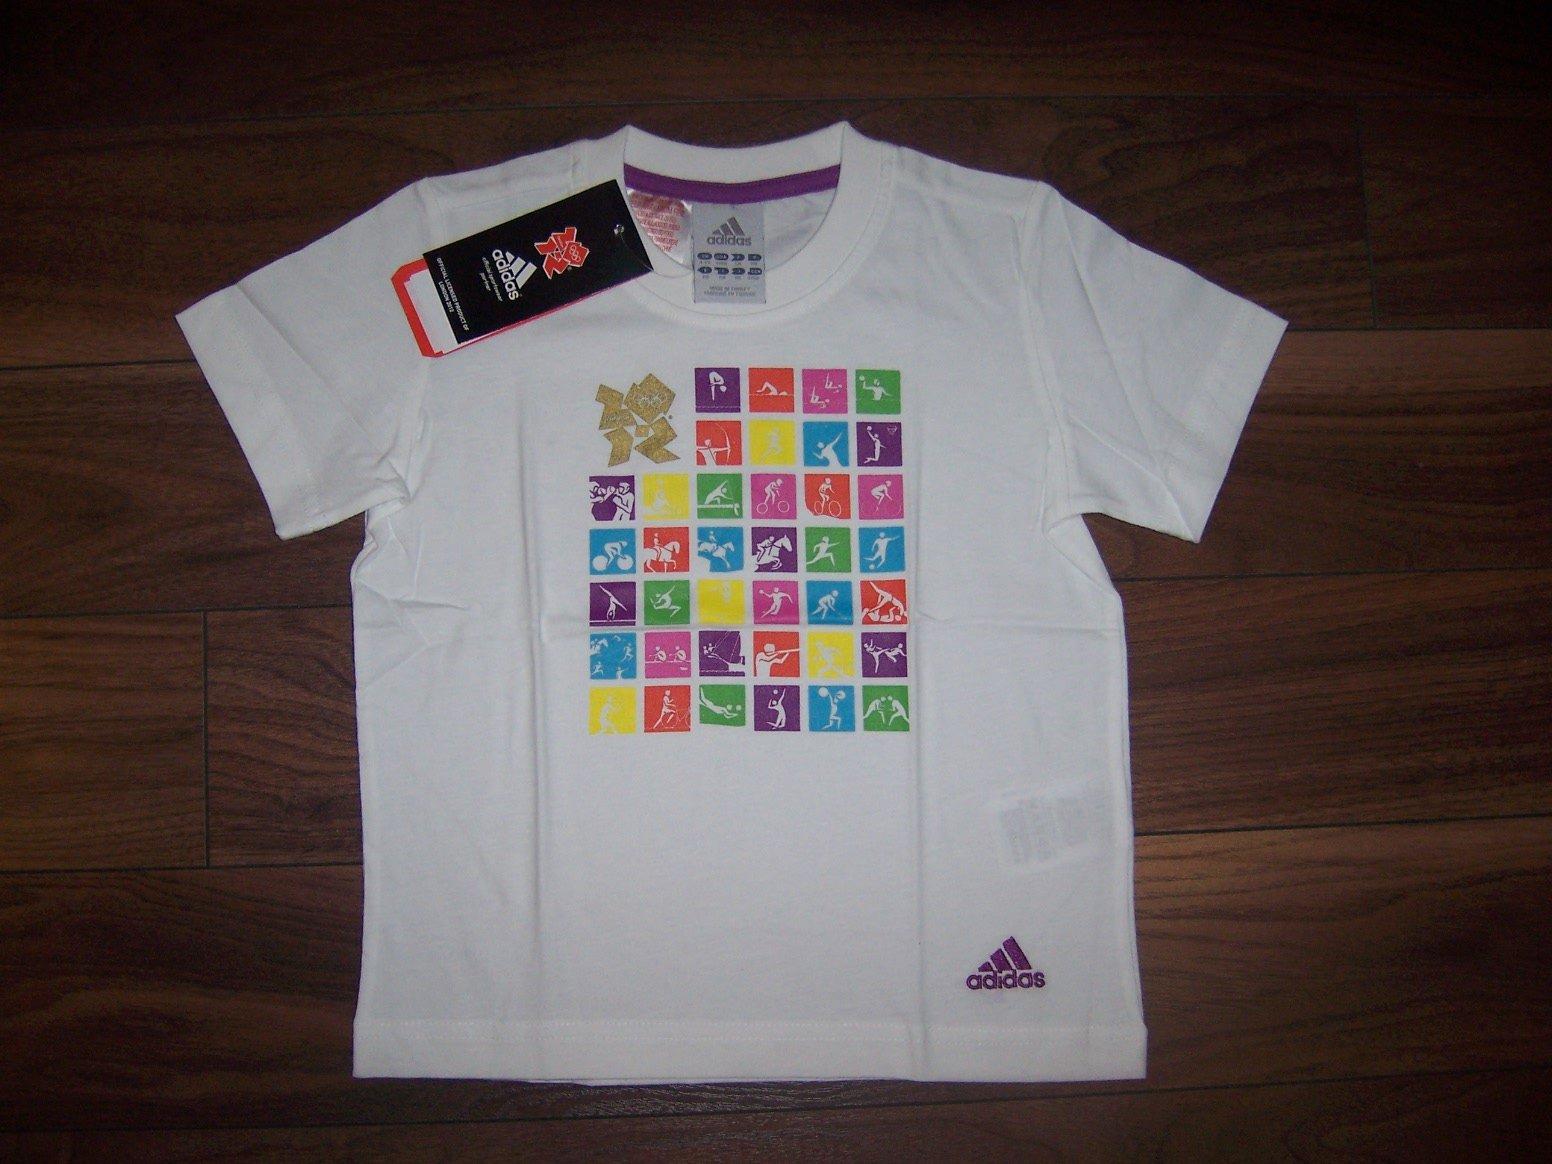 605ea6ce0 Tričko adidas - výpredaj, 110 / 116 - 7,90 € od predávajúcej alis39 ...